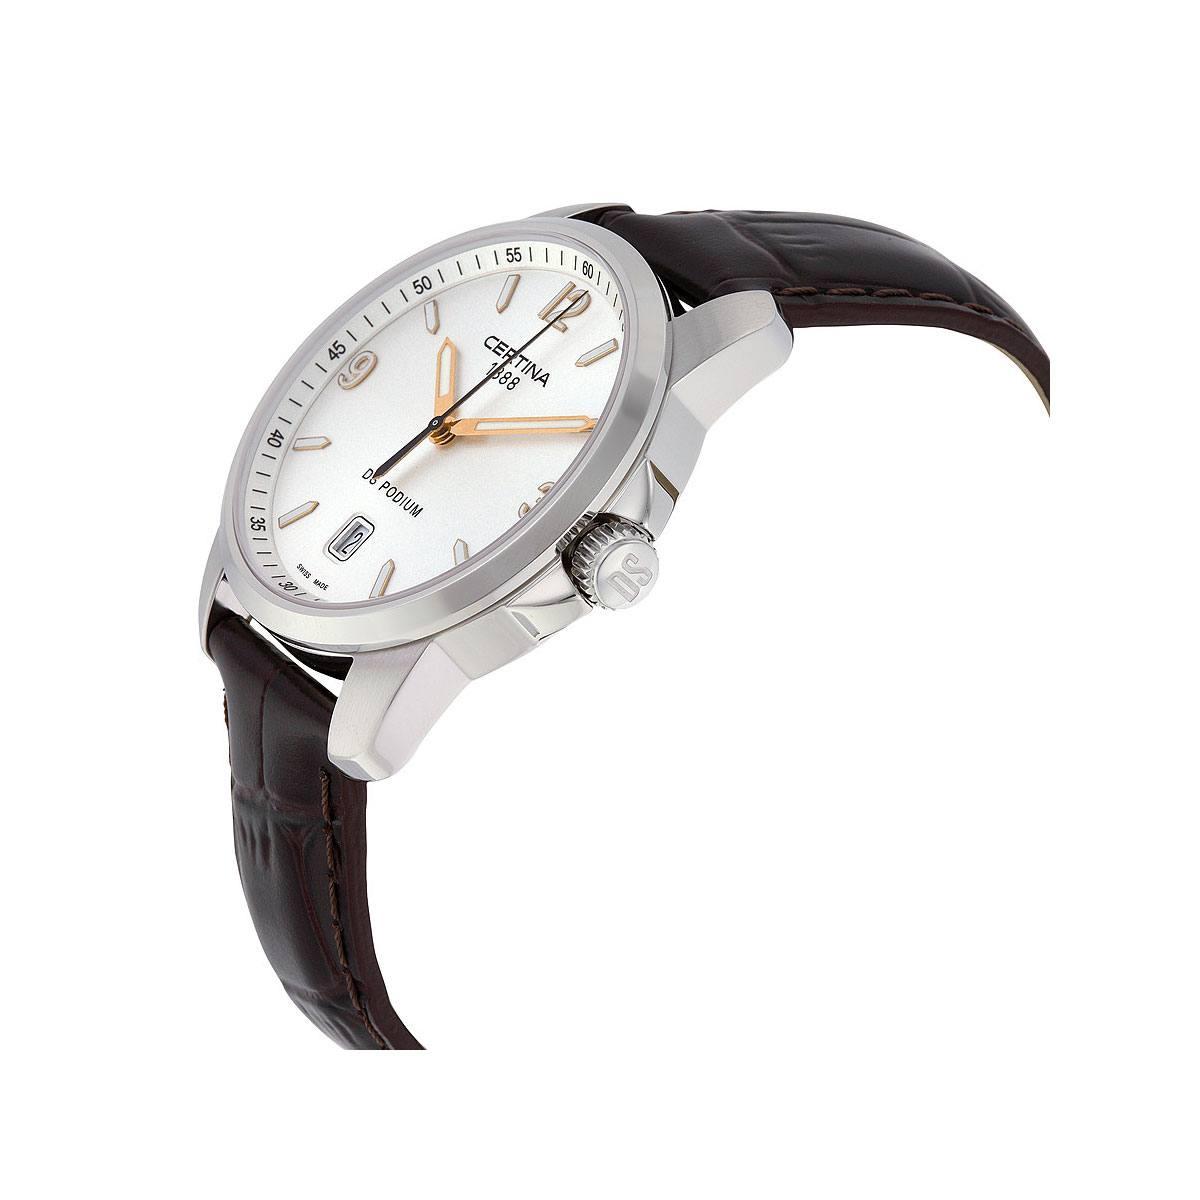 Часовник Certina C001.410.16.037.01